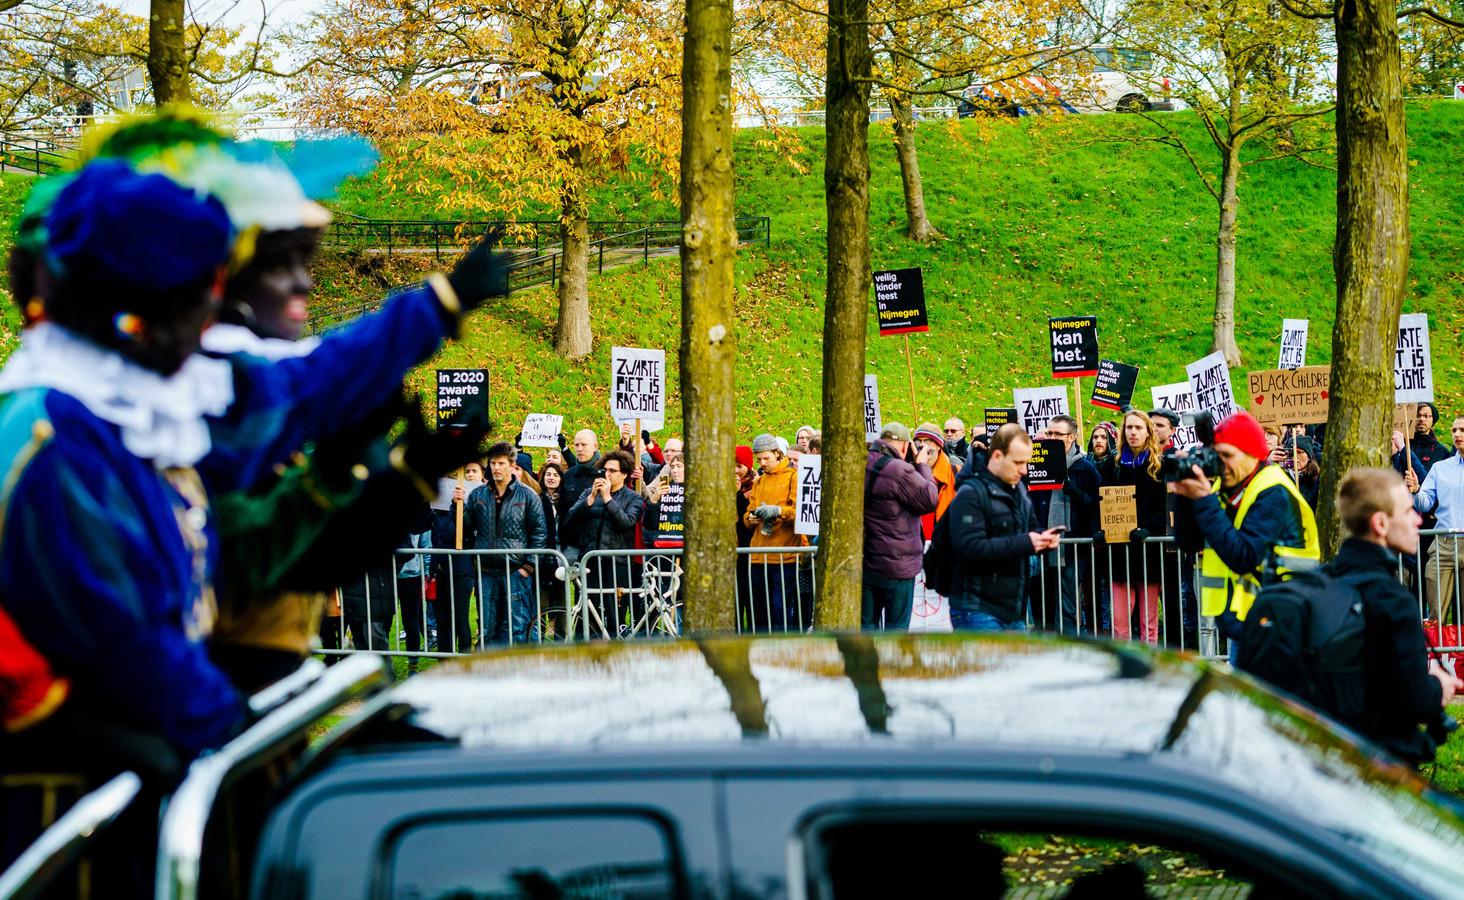 Tijdens de meest recente intocht van Sinterklaas in Nijmegen demonstreerden sympathisanten van actieclub Kick Out Zwarte Piet (KOZP) langs de route bij de Voerweg.